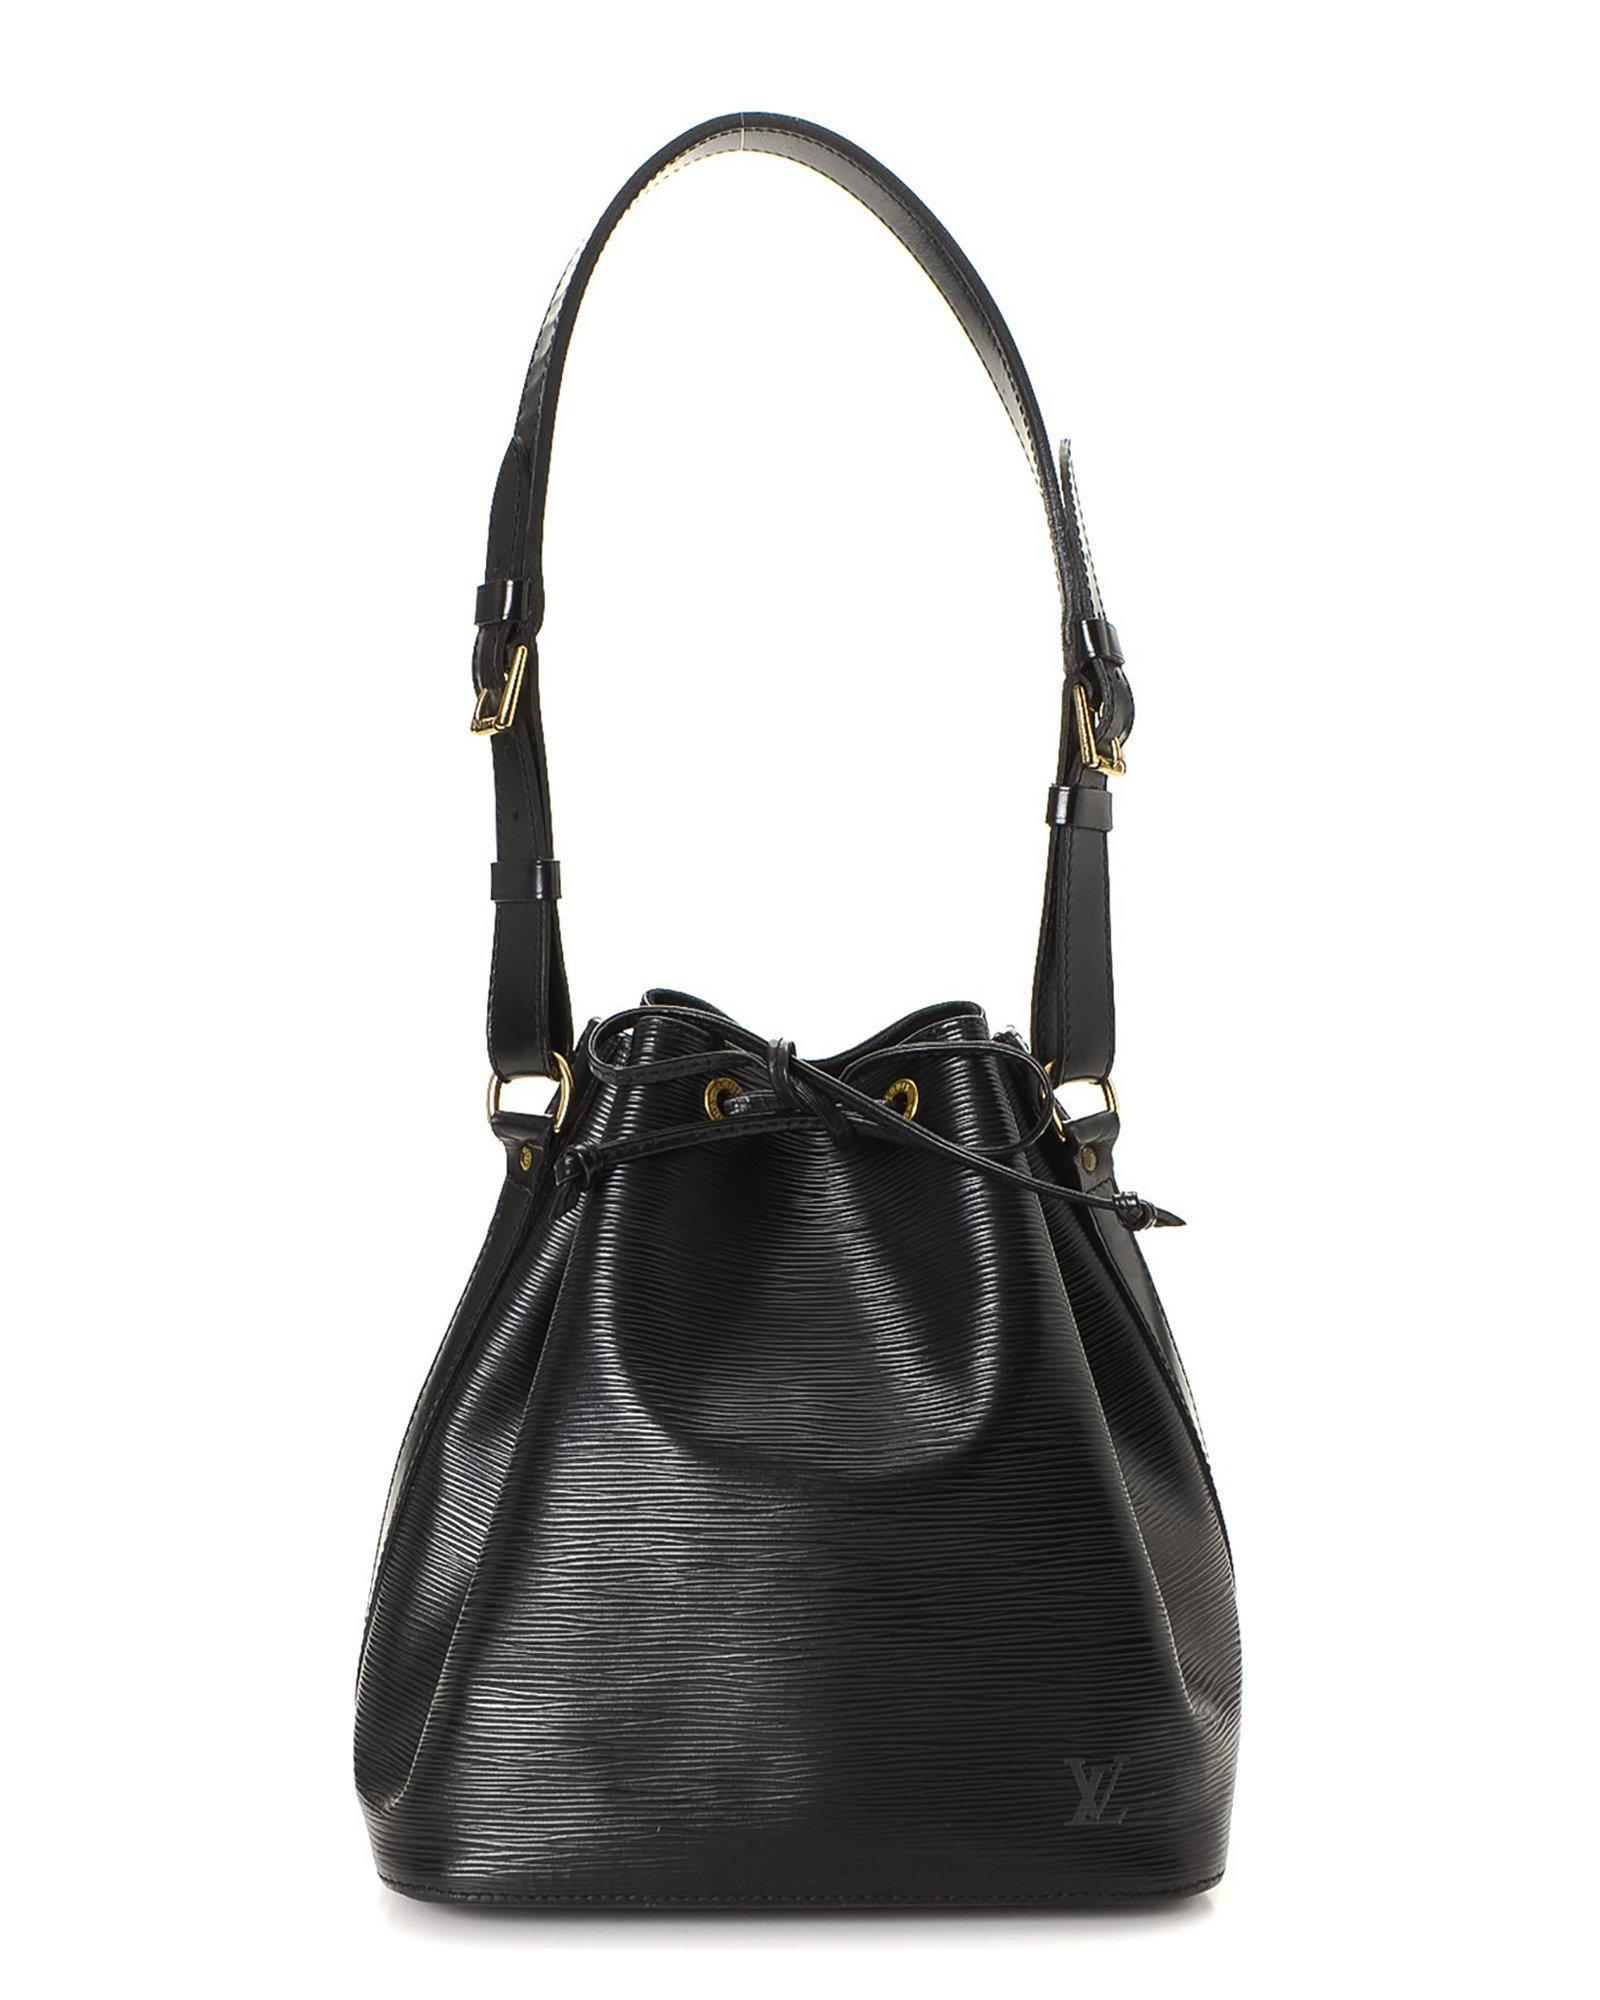 75ea0cb60982 Lyst - Louis Vuitton Epi Petit Noe Shoulder Bag - Vintage in Black